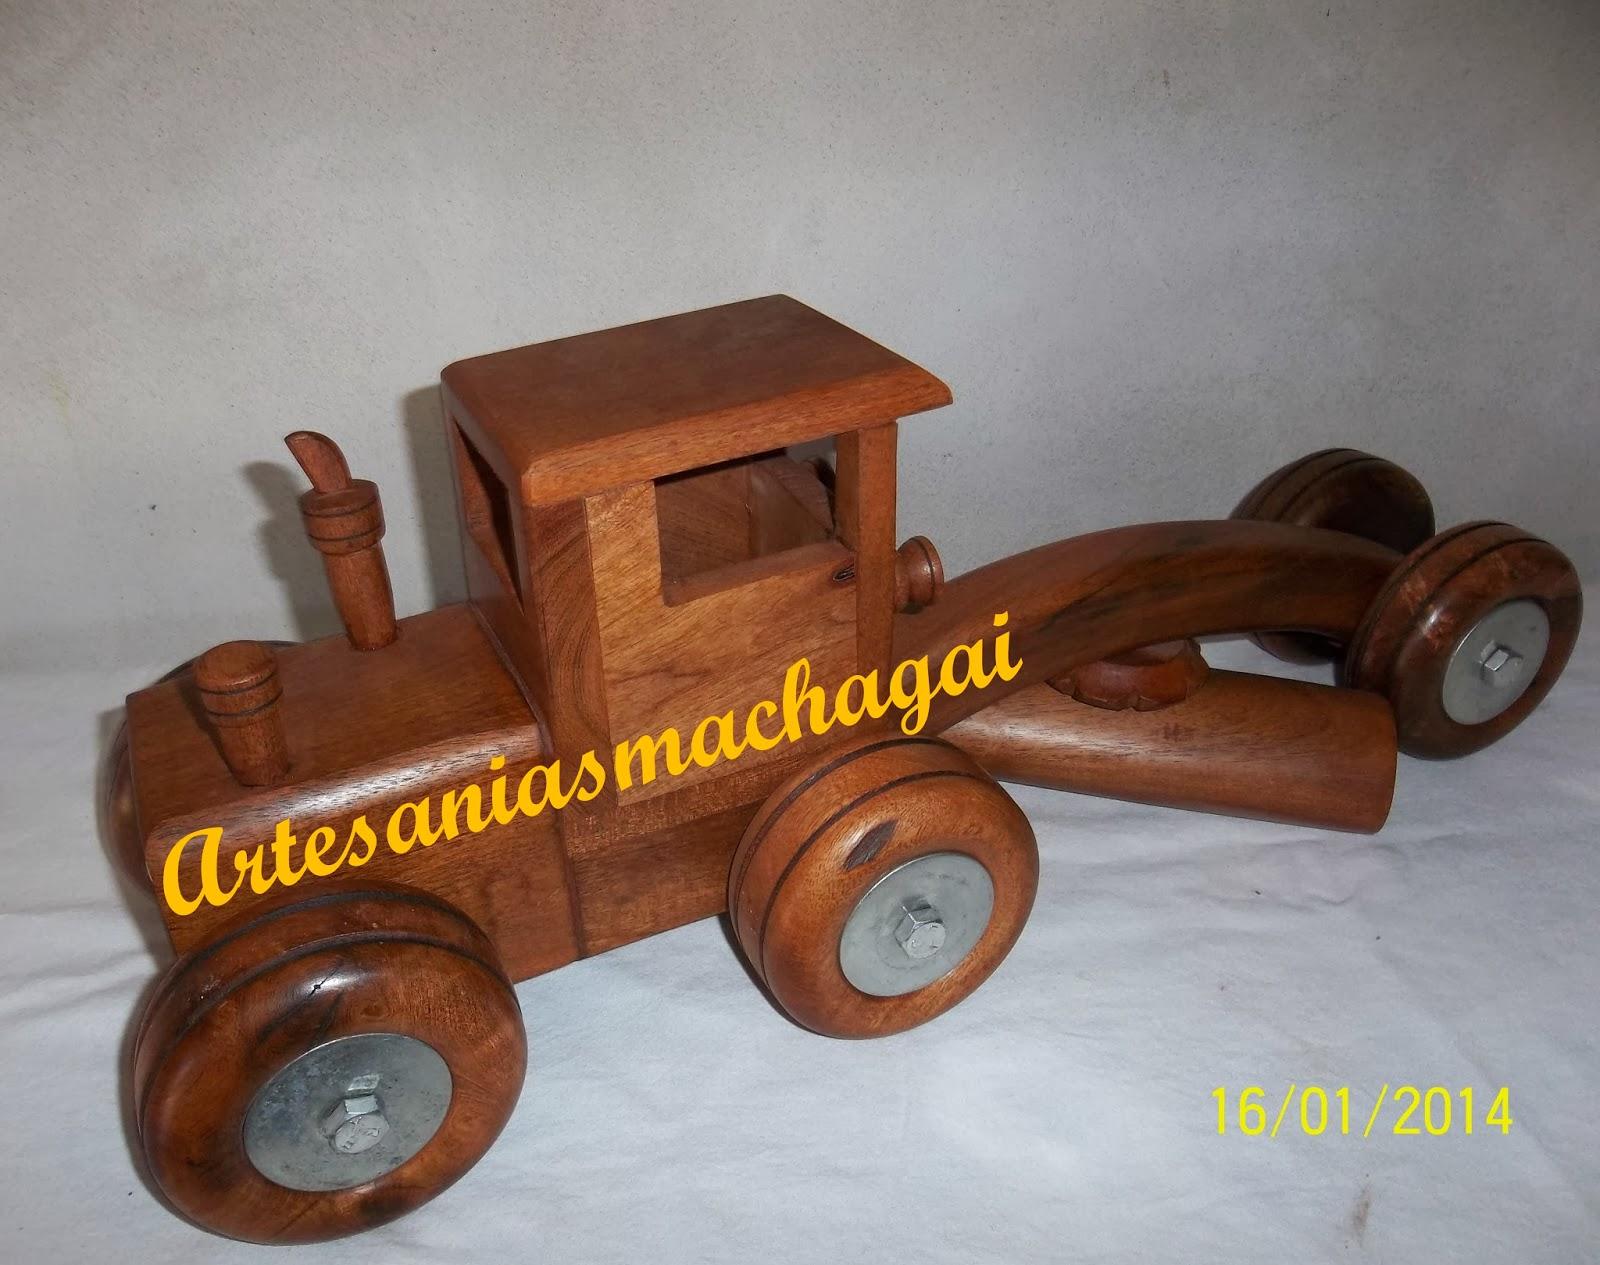 muebles de algarrobo chaco fotos y precios - Fabrica de Muebles de algarrobo, Todo Algarrobo Chaco